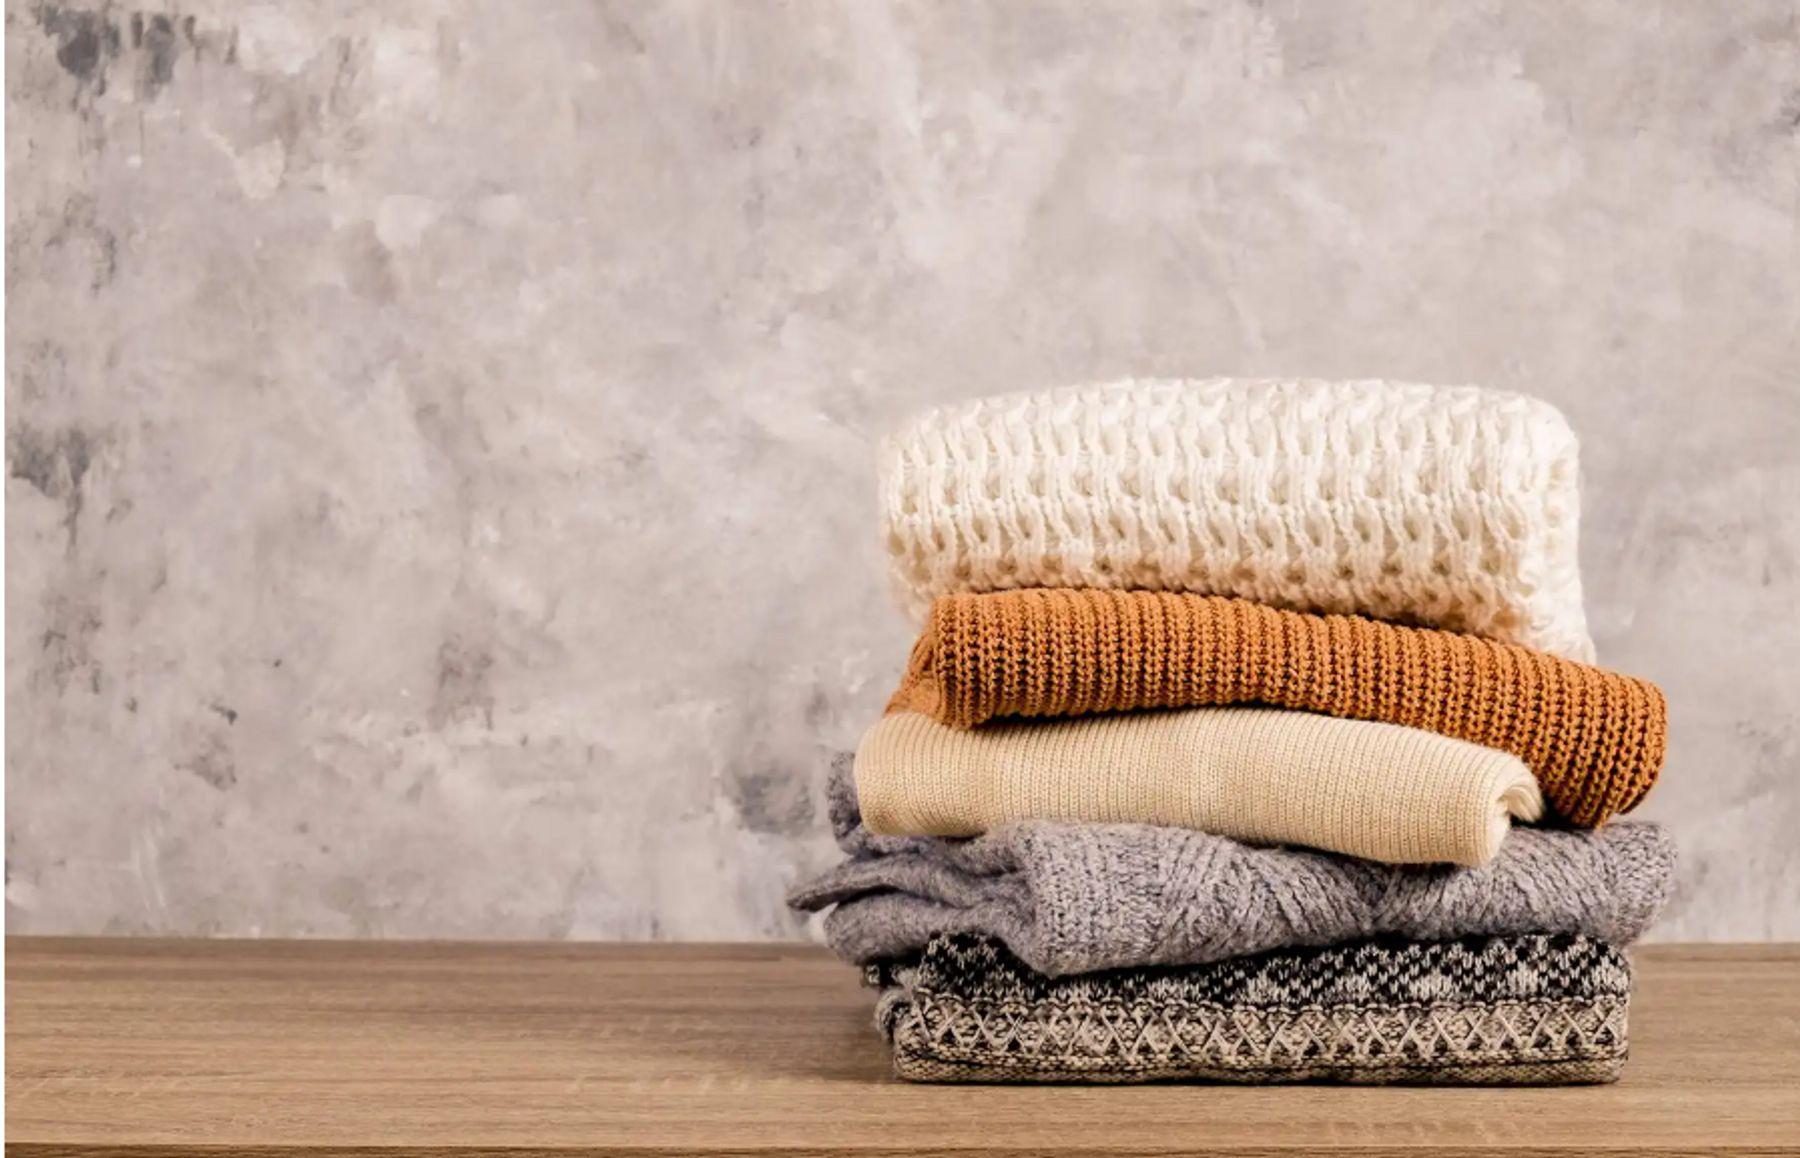 Kiểu khăn bản to tác dụng giữ ấm cao | Cleanipedia